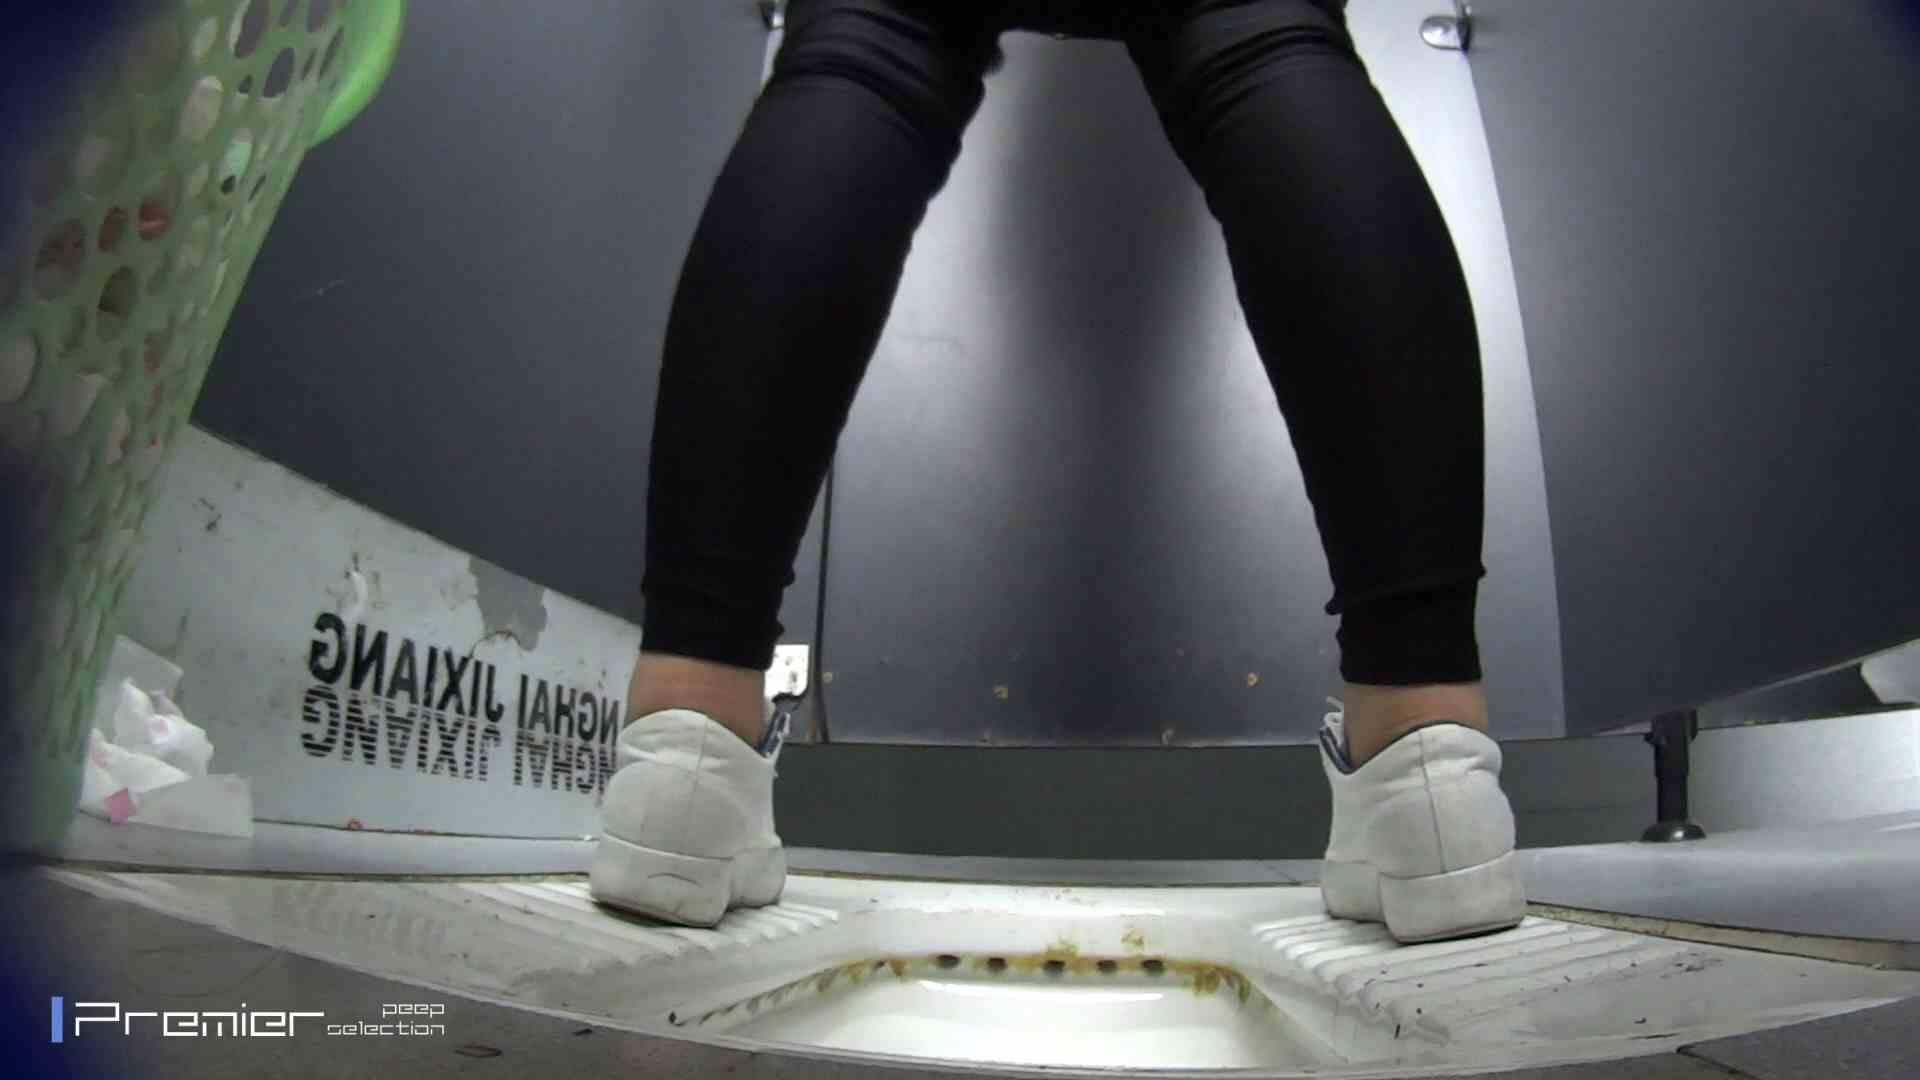 アダルトエロ動画|おまたの下から覗く顔 大学休憩時間の洗面所事情43|怪盗ジョーカー